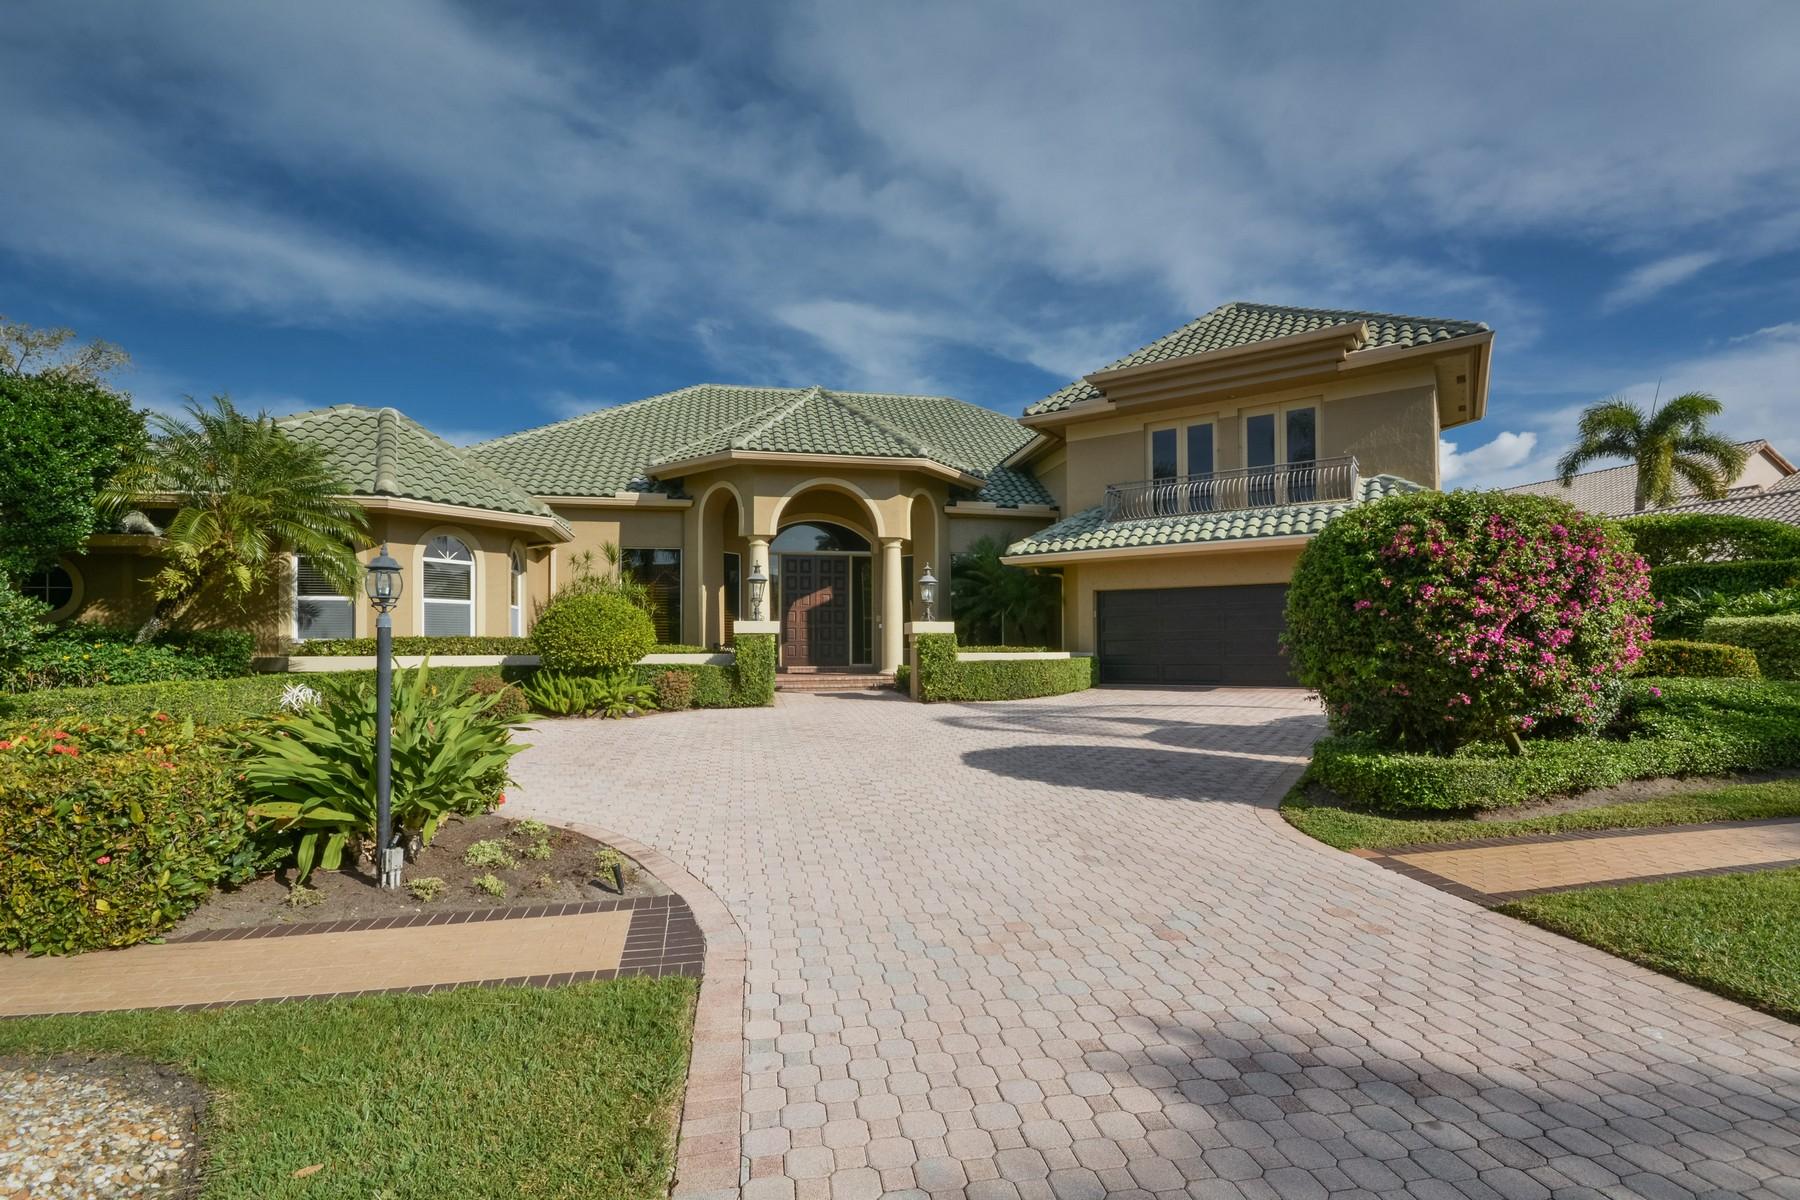 独户住宅 为 销售 在 7052 Queenferry Cir , Boca Raton, FL 33496 7052 Queenferry Cir 博卡拉顿, 佛罗里达州, 33496 美国